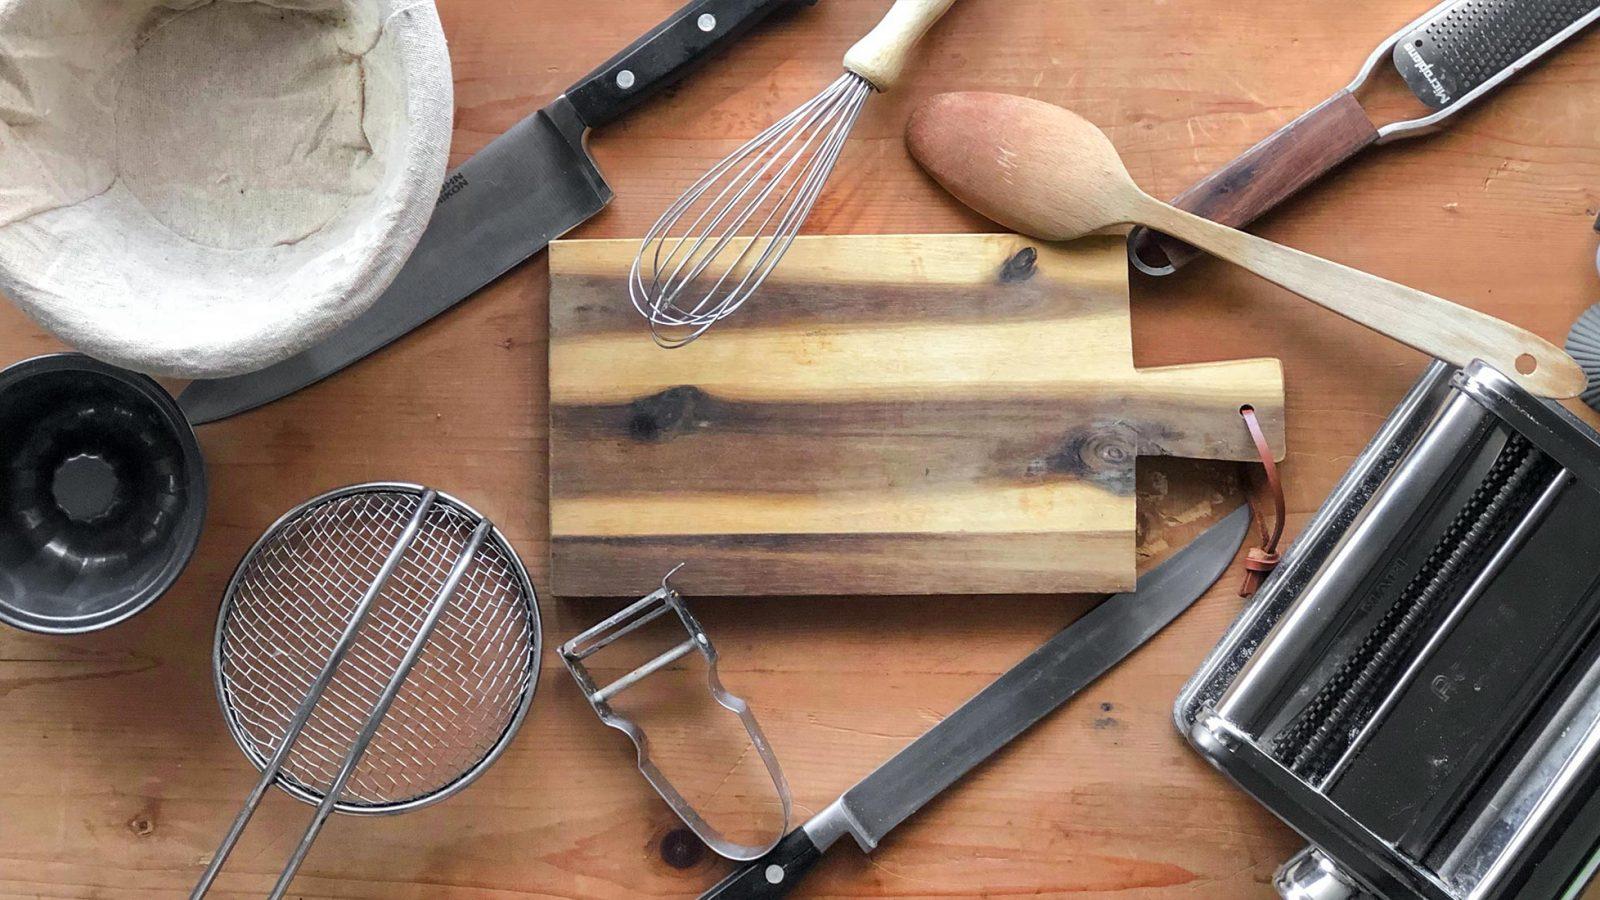 lalunasulcucchiaio ricette e storie di cucina 100% made in Italy